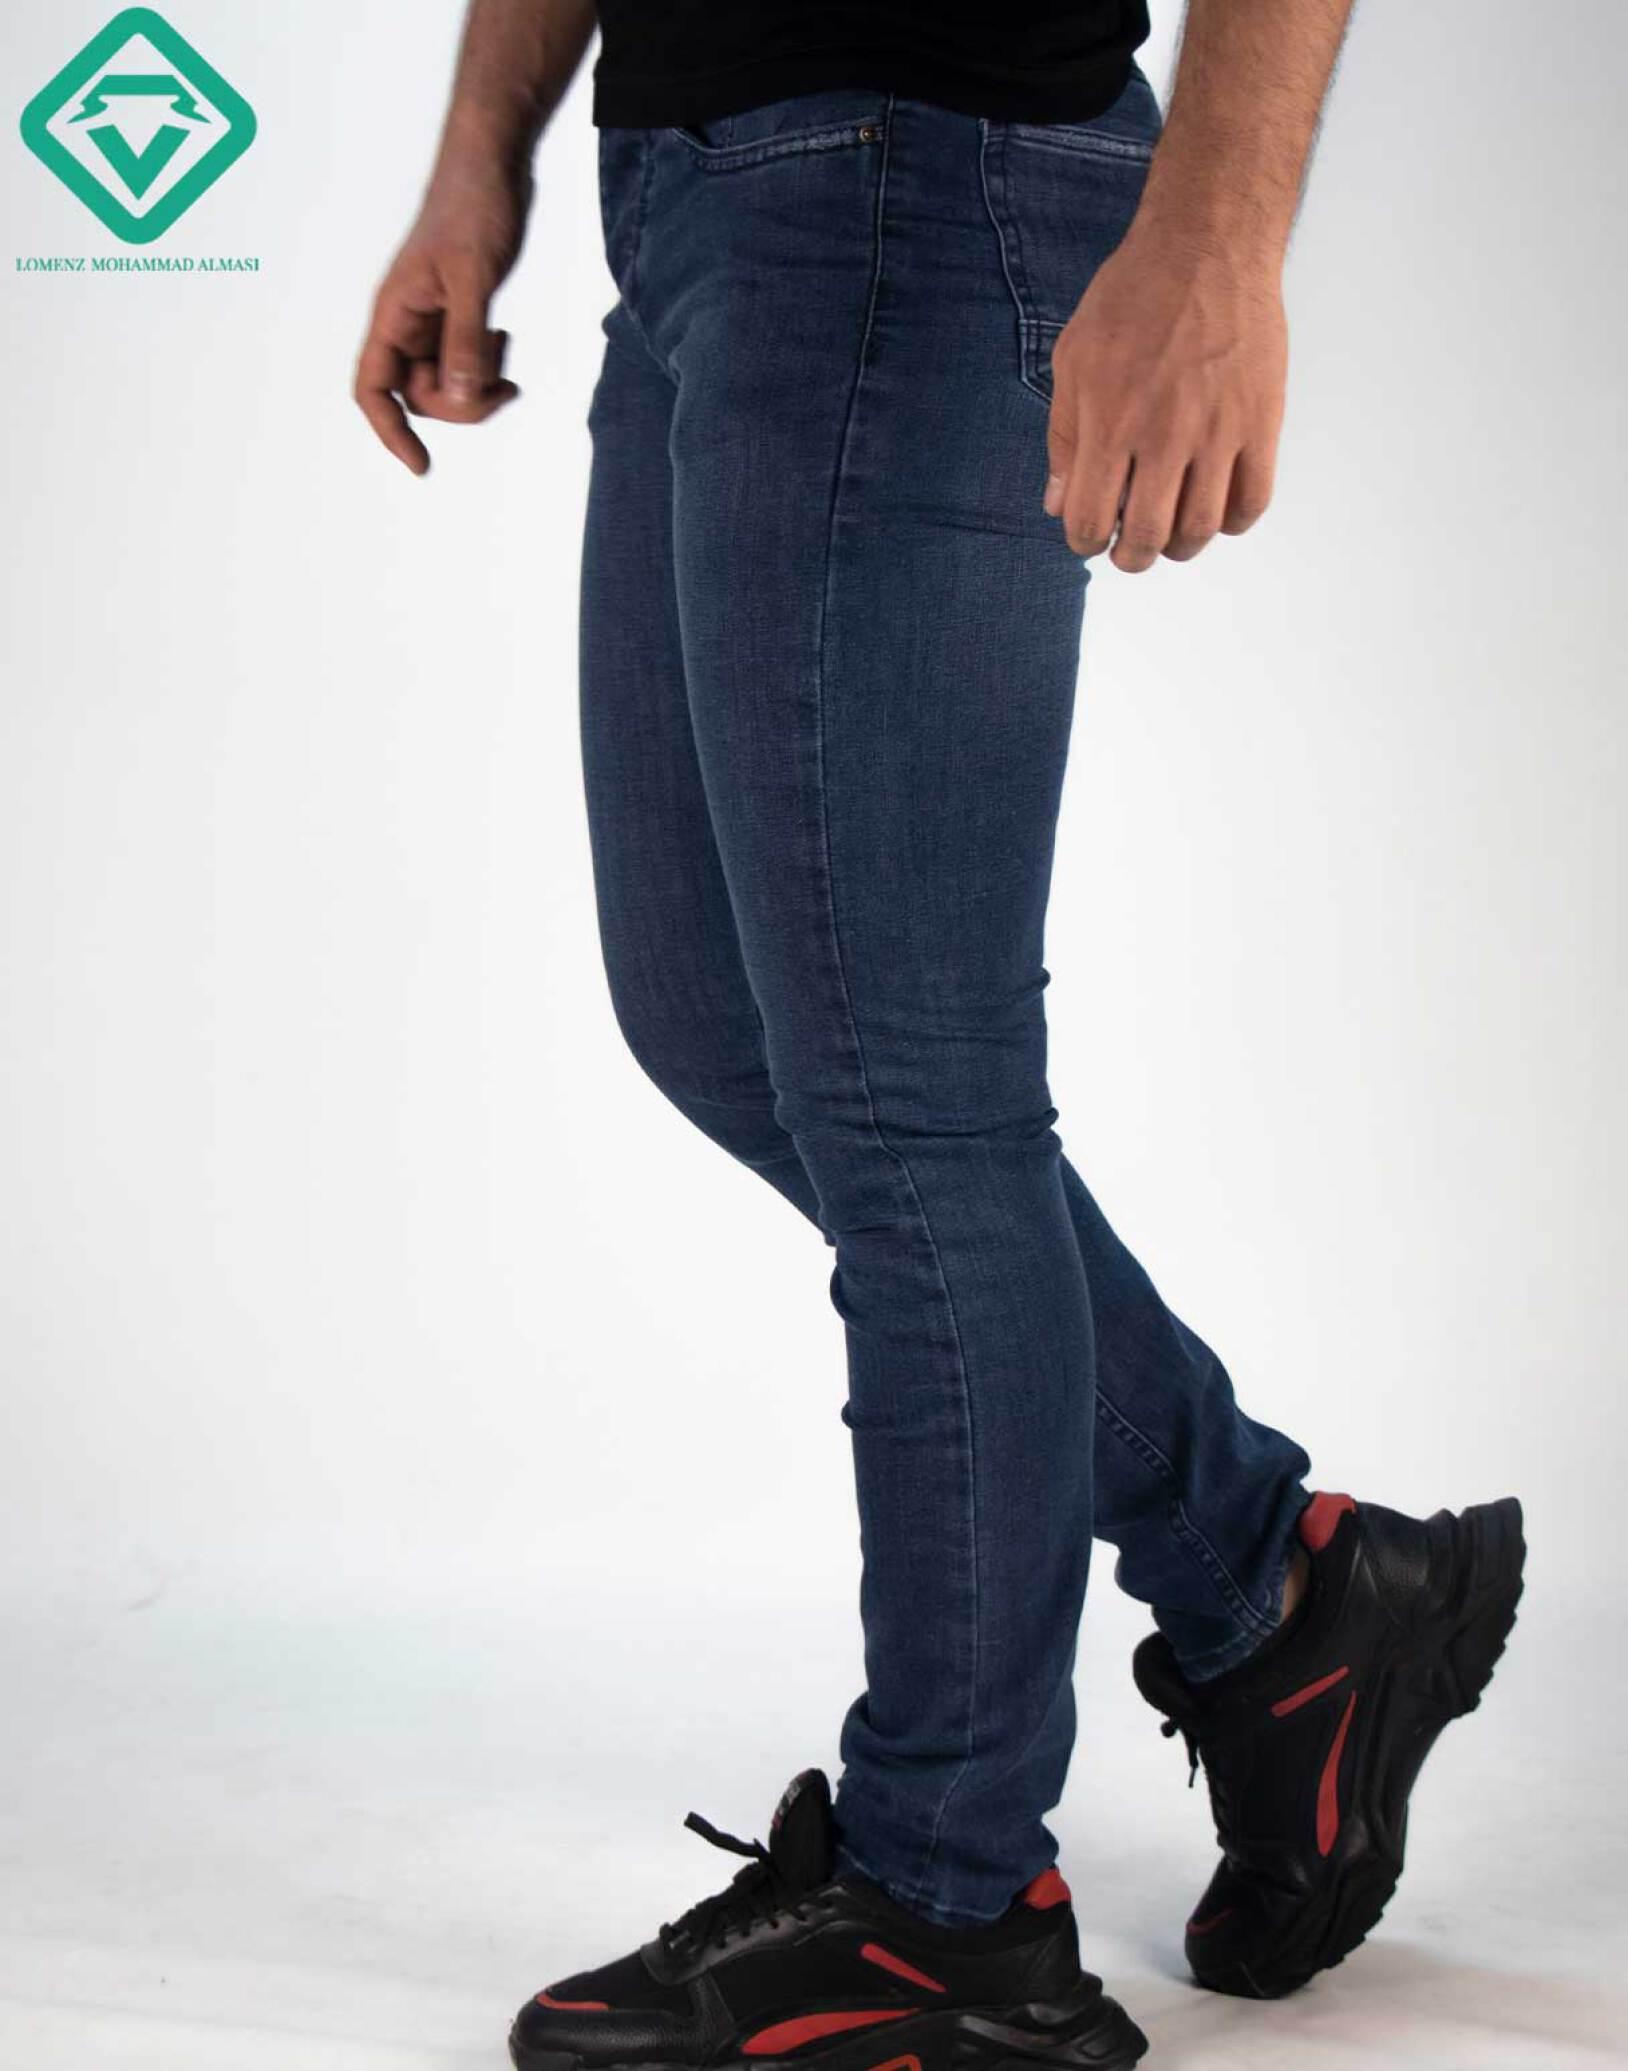 شلوار جین دم پا فیت کد shf8597 عرضه شده توسط سایت لومنز ارِائه جدید ترین متد روز دنیا